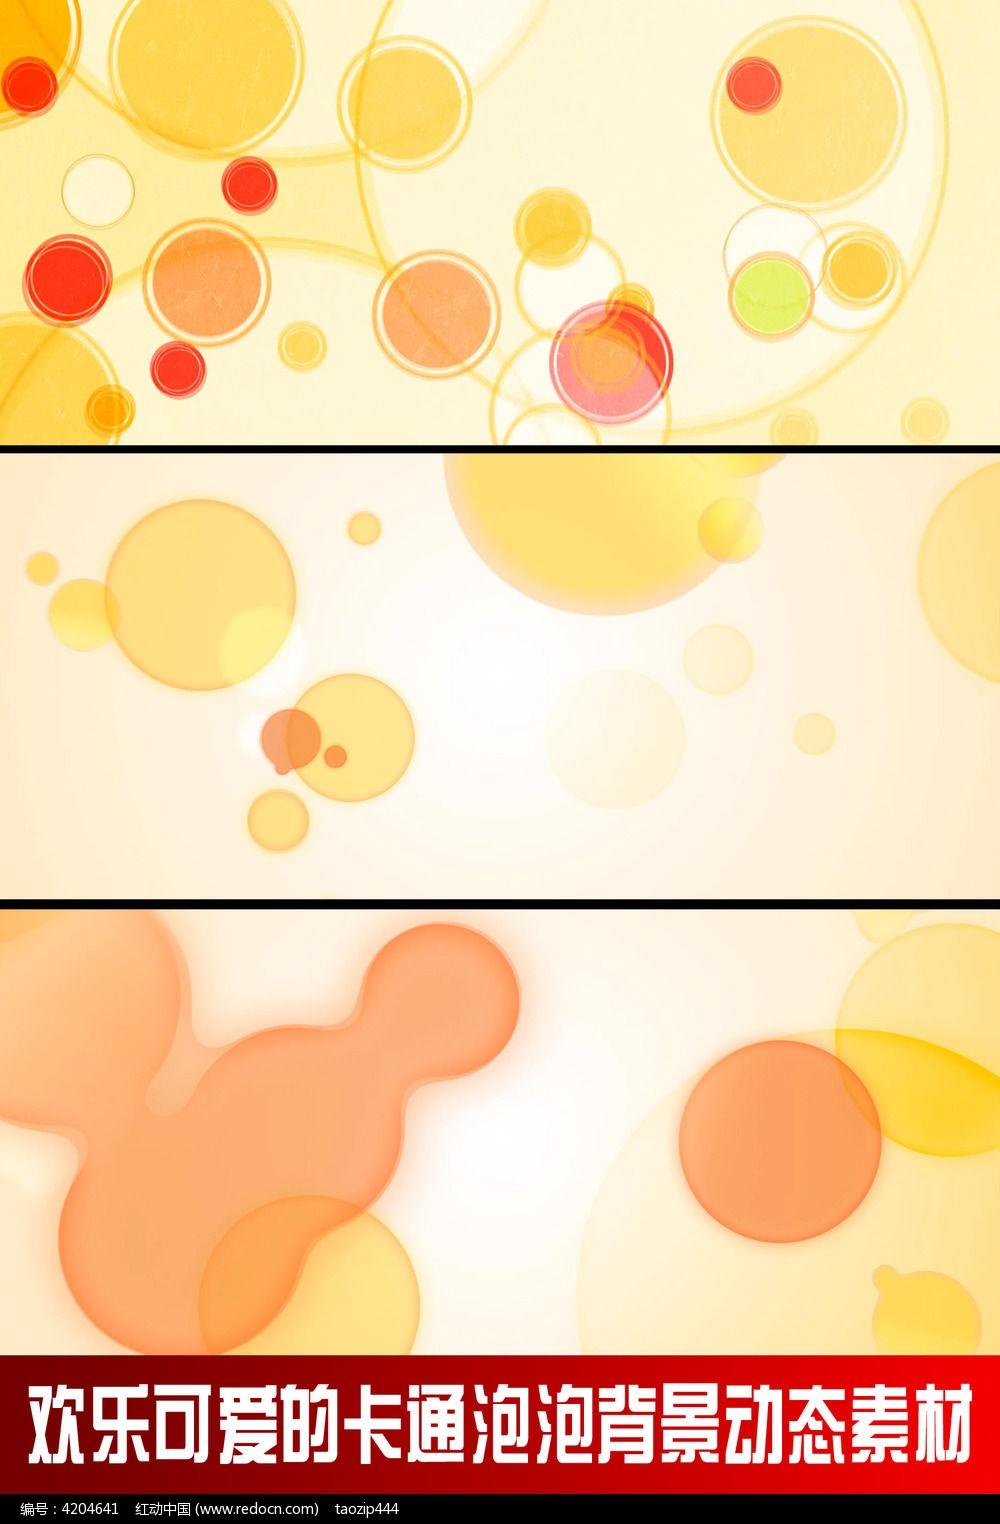 欢乐可爱的卡通泡泡背景动态素材